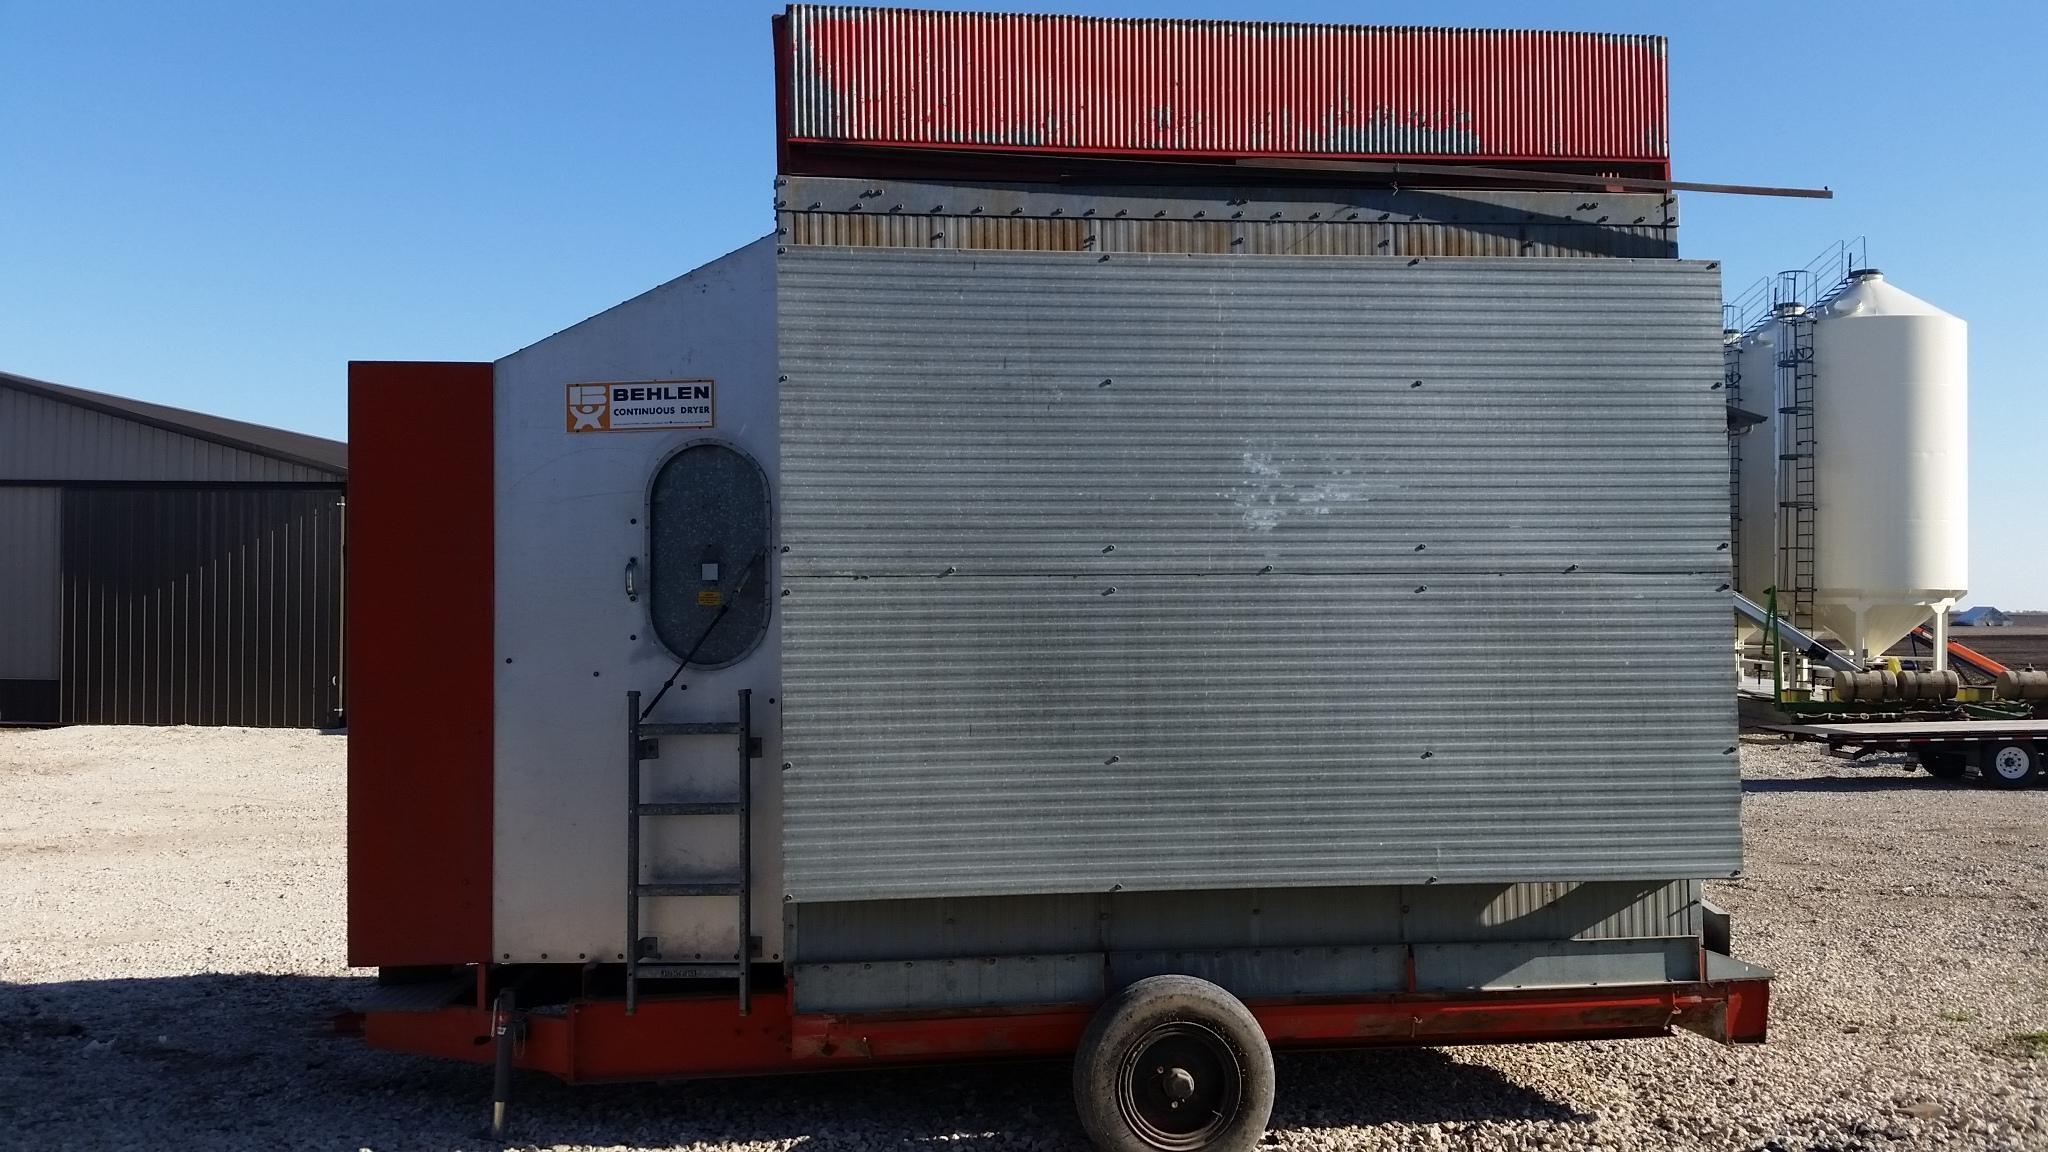 BEHLEN 700 Grain Dryer